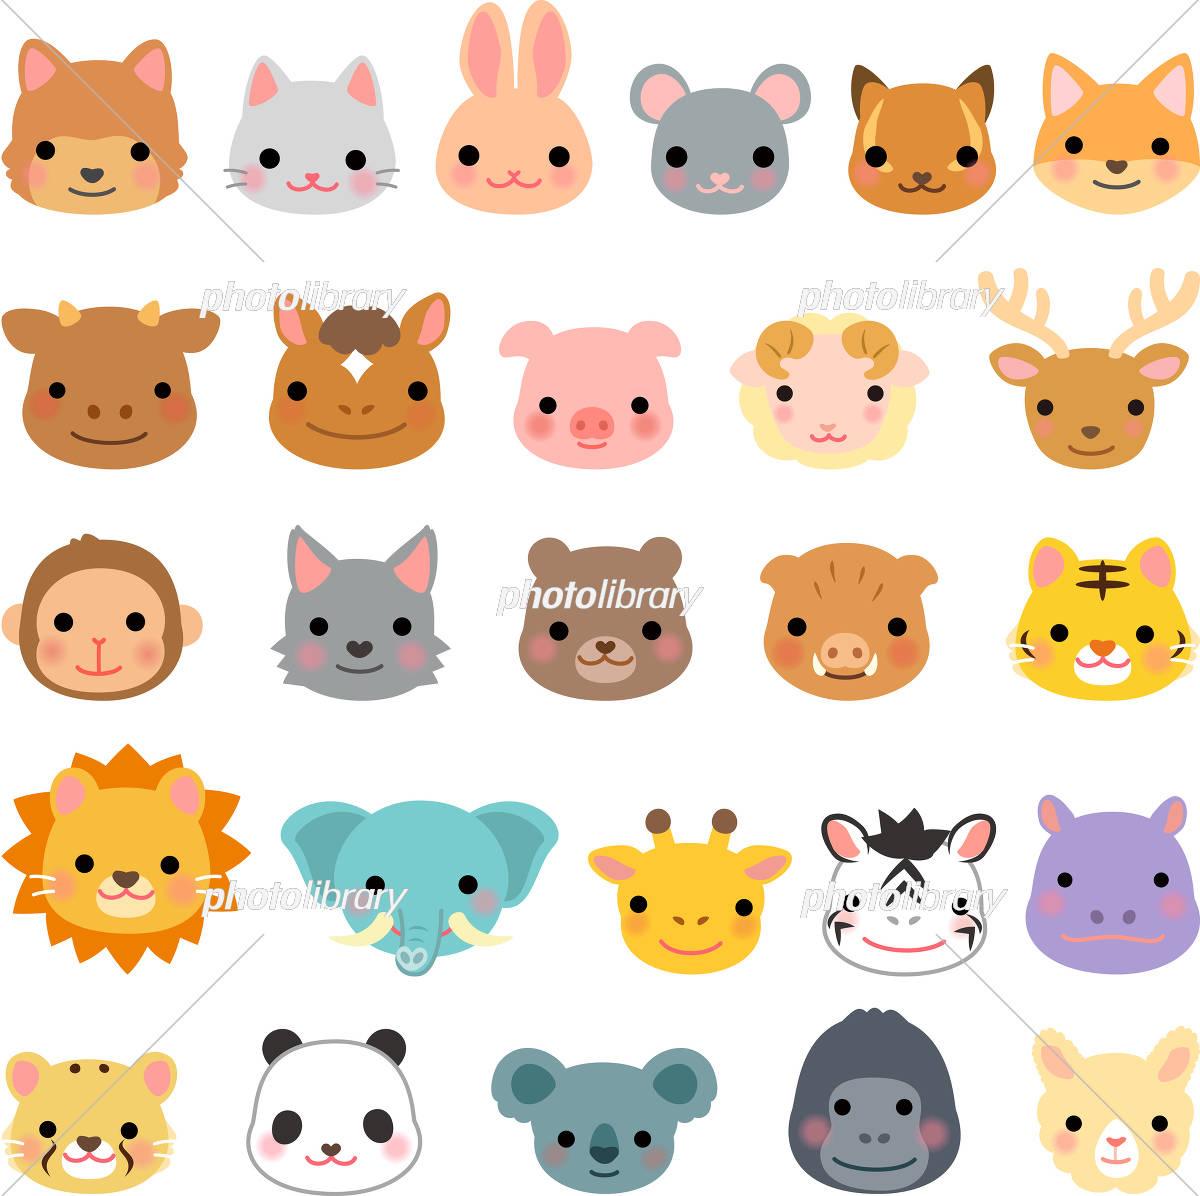 動物の顔のイラストセット イラスト素材 4610179 フォト